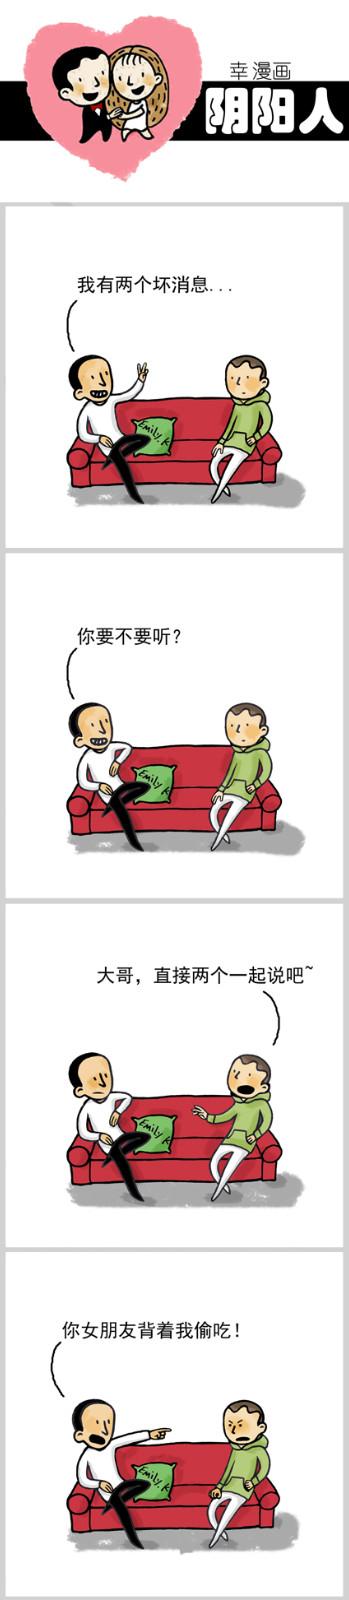 【邝幸漫畫】《阴阳人》两个坏消息_图1-1